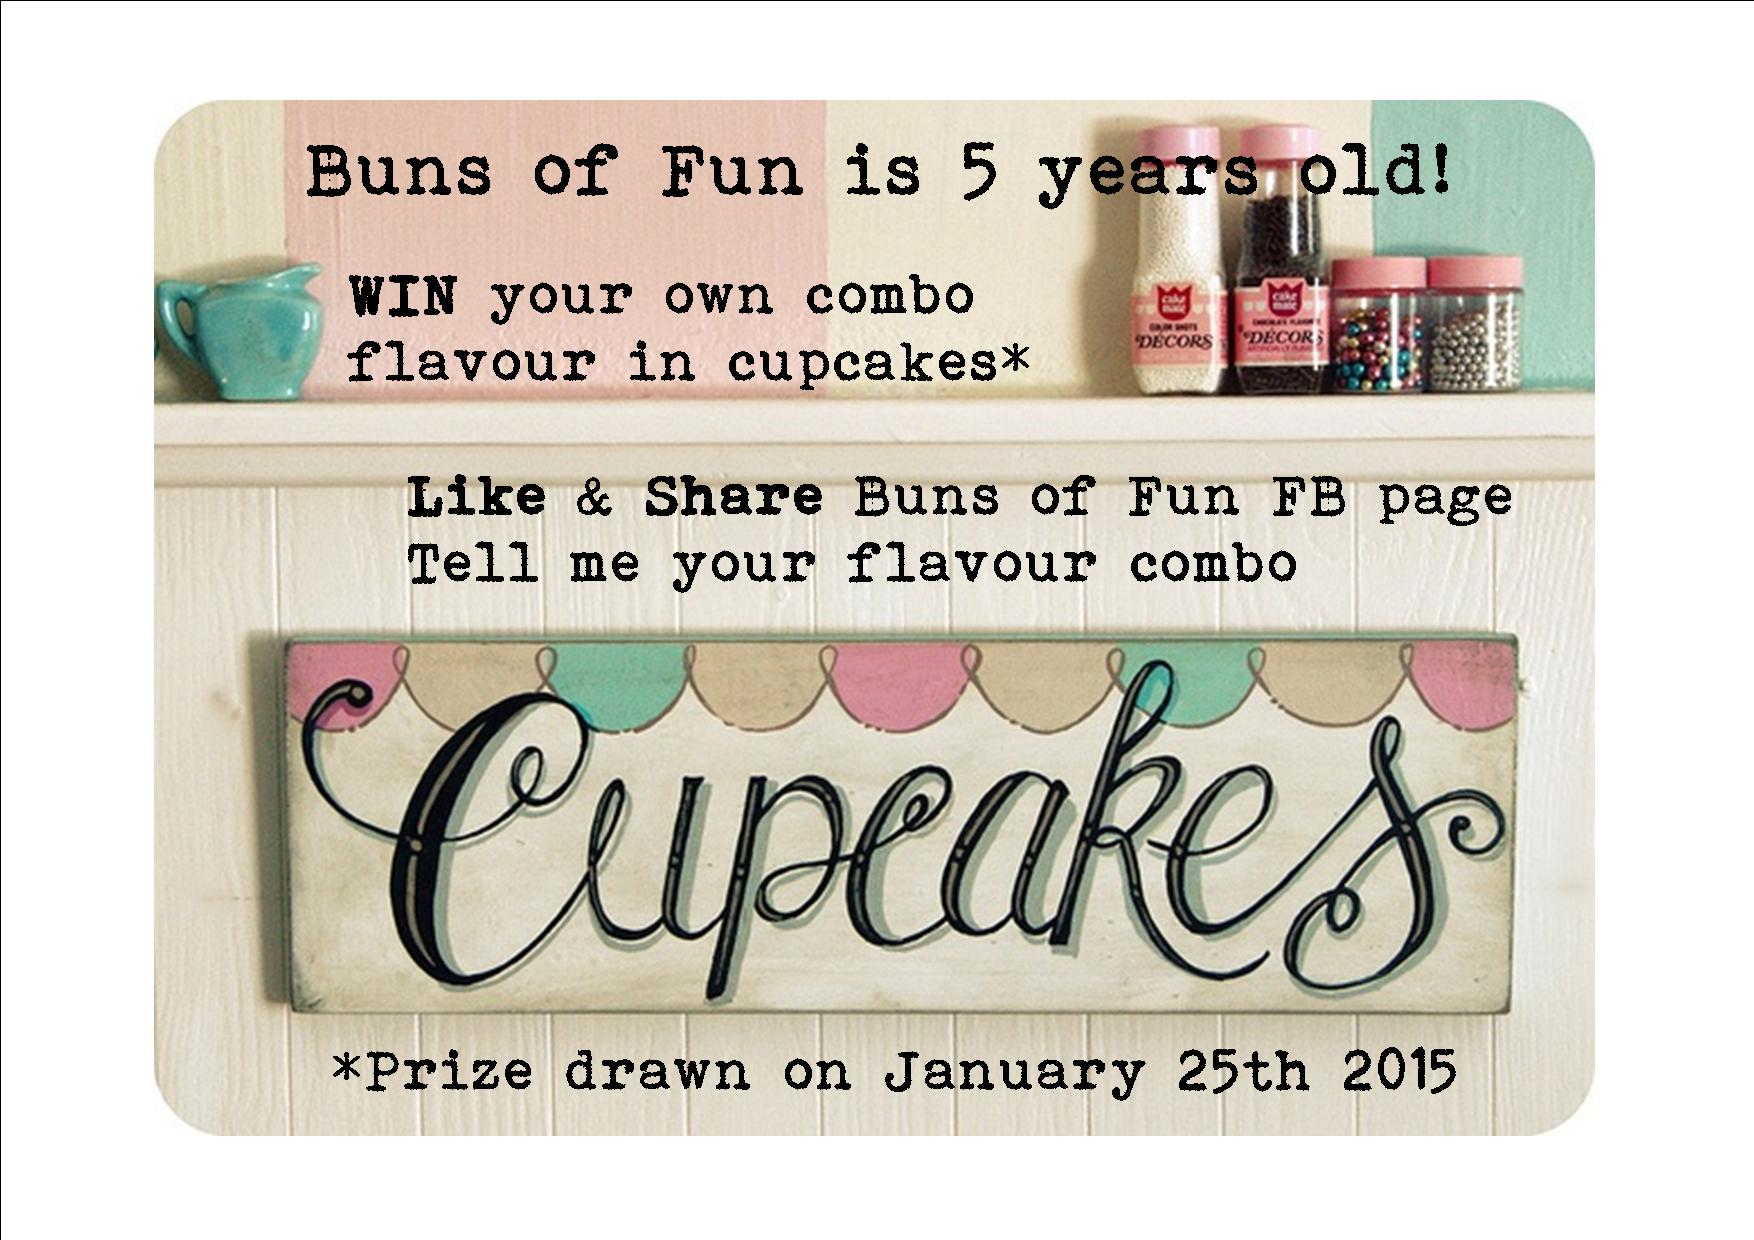 Win Cupcakes 5yo